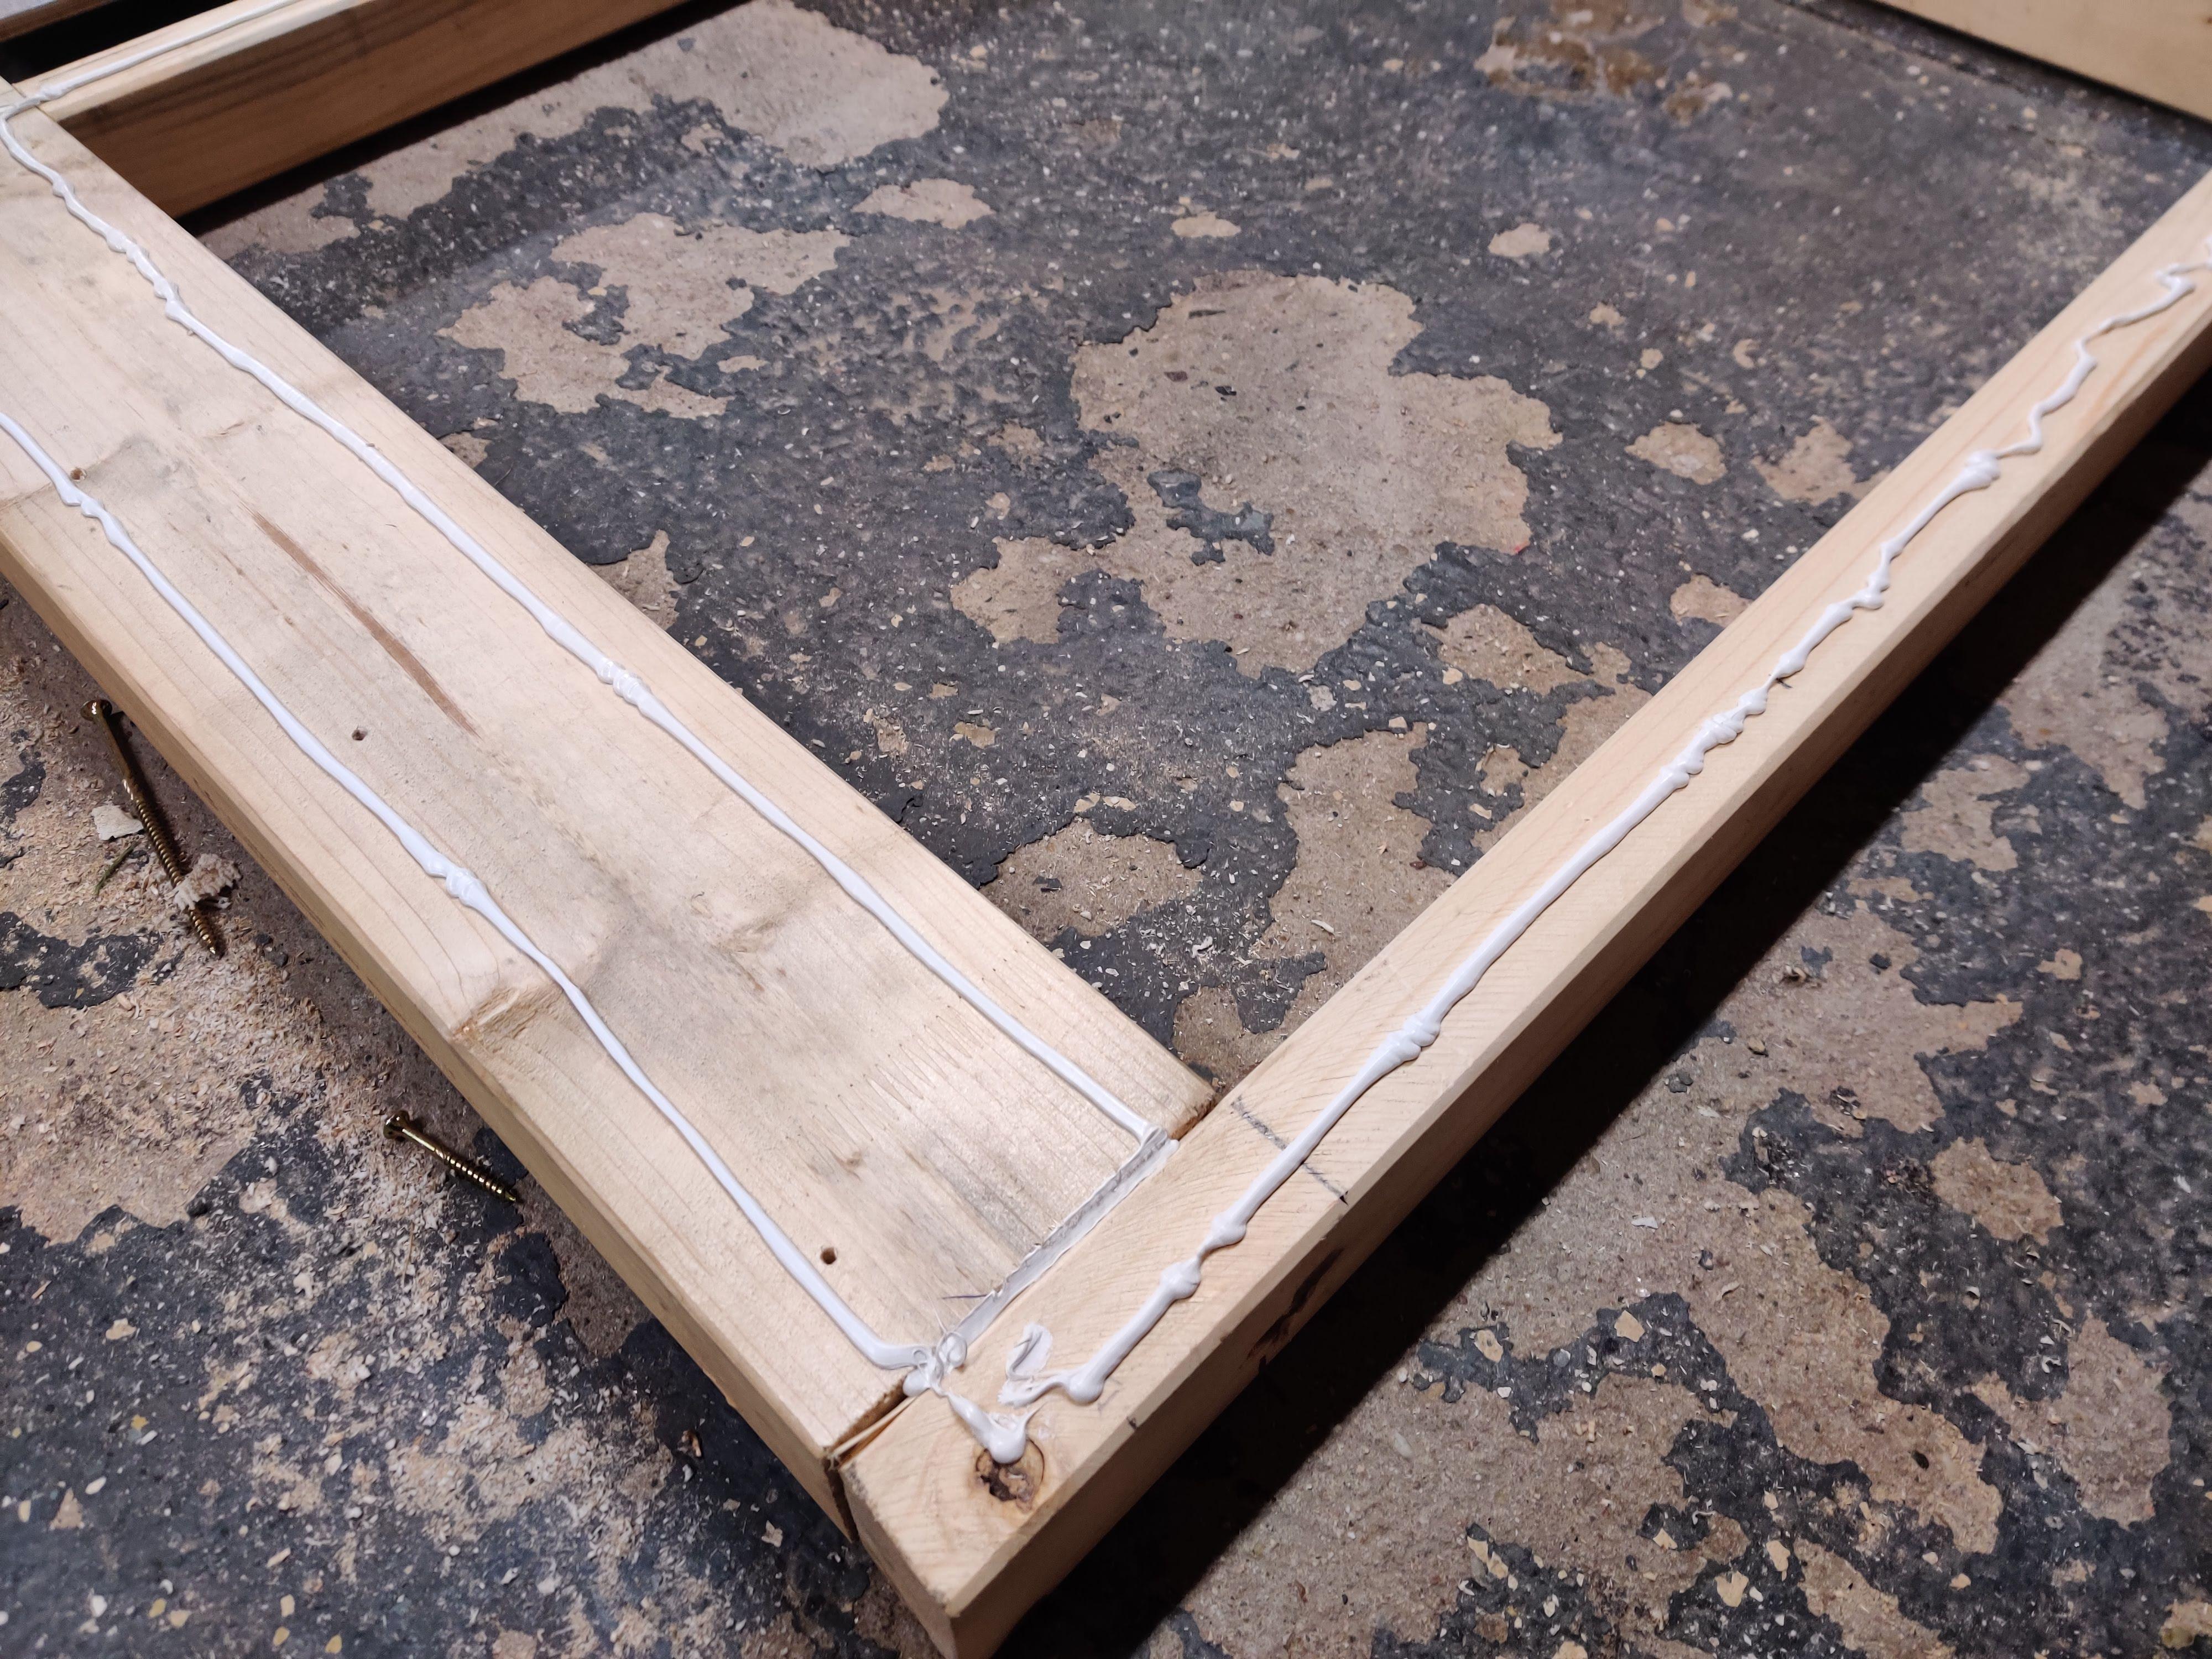 Wohnkabine aus Holz Selbstbau: Tag 4 & 5